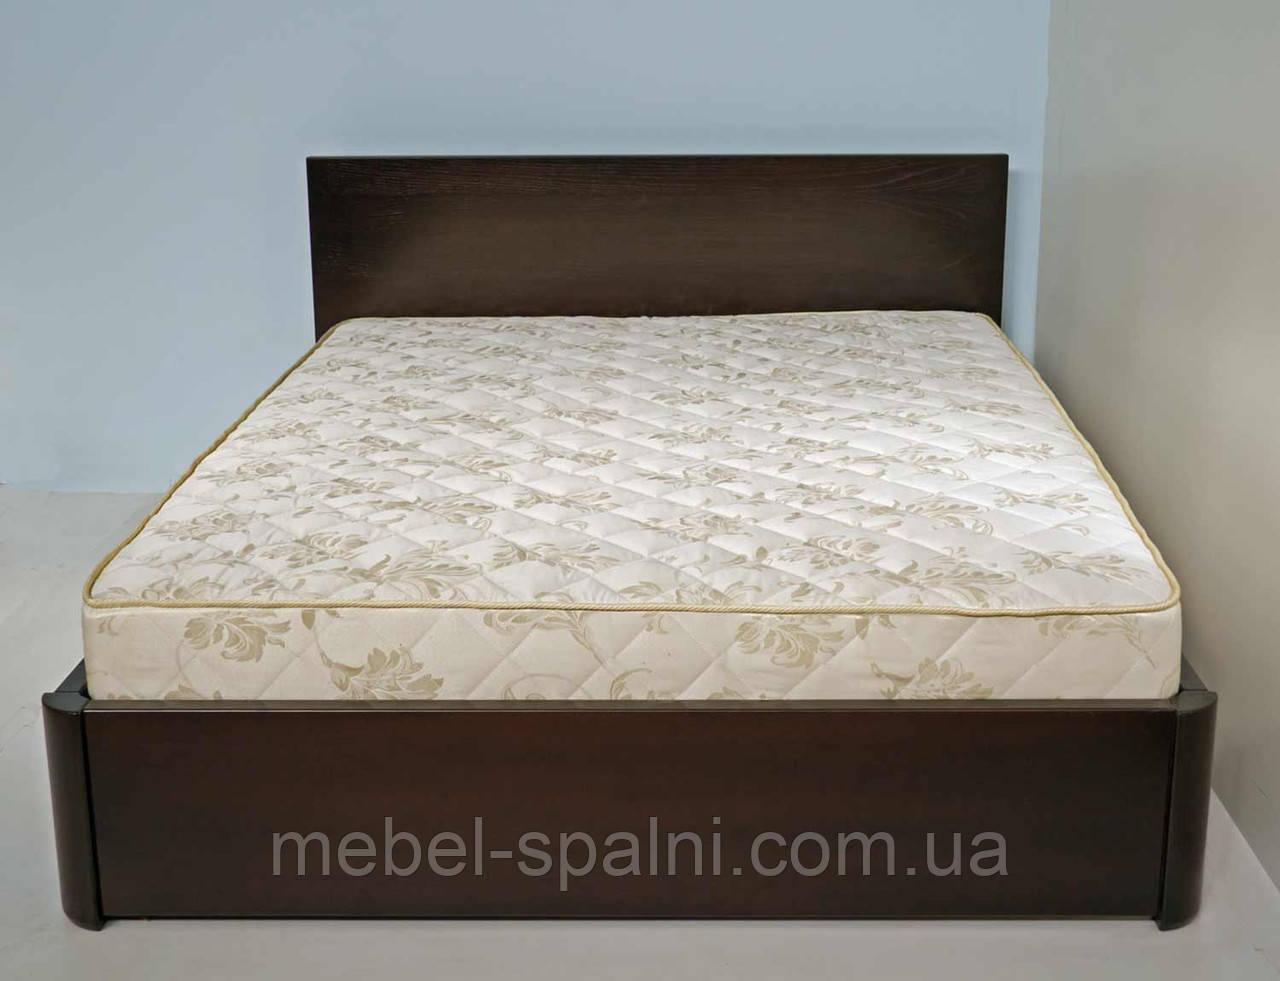 """Кровать в Херсоне деревянная с подъёмным механизмом двуспальная """"Марина"""" kr.mn7.1"""